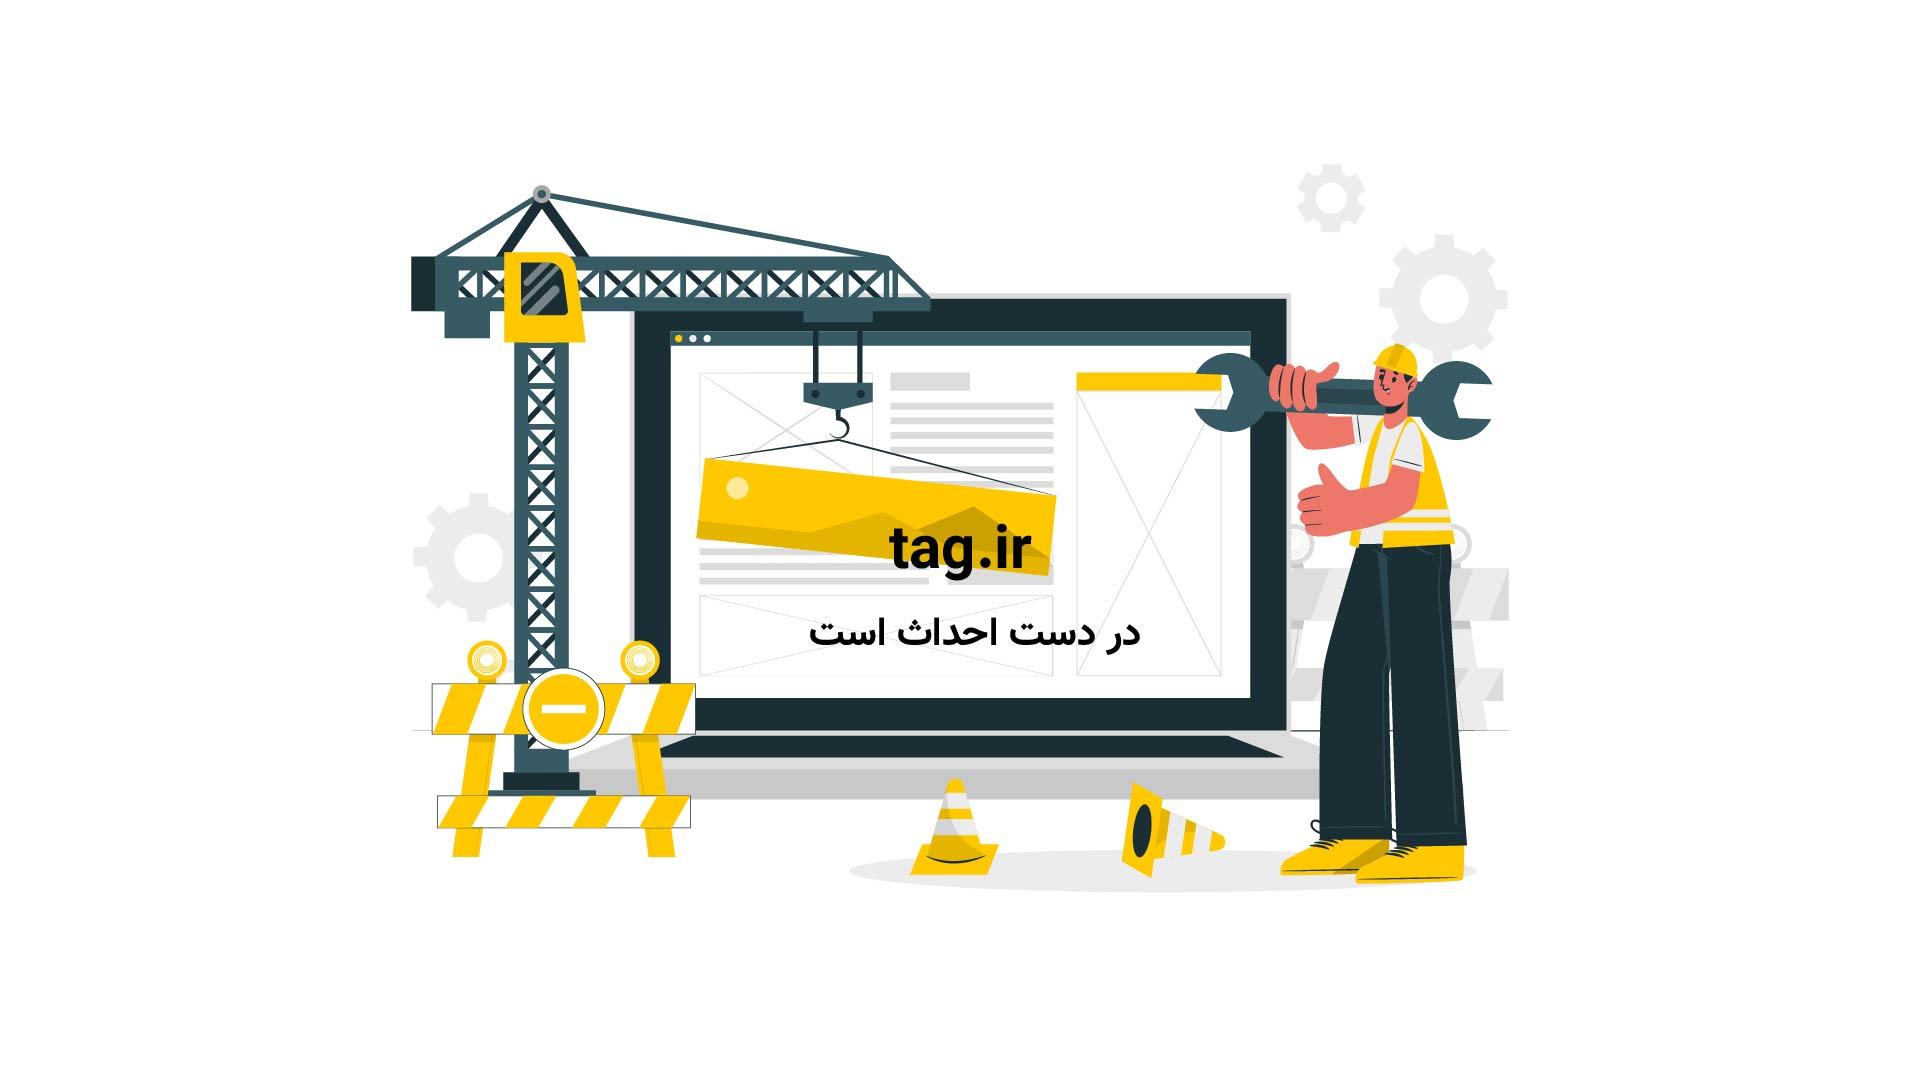 بهترین زوج های فوتبالی - مسی و نیمار | فیلم